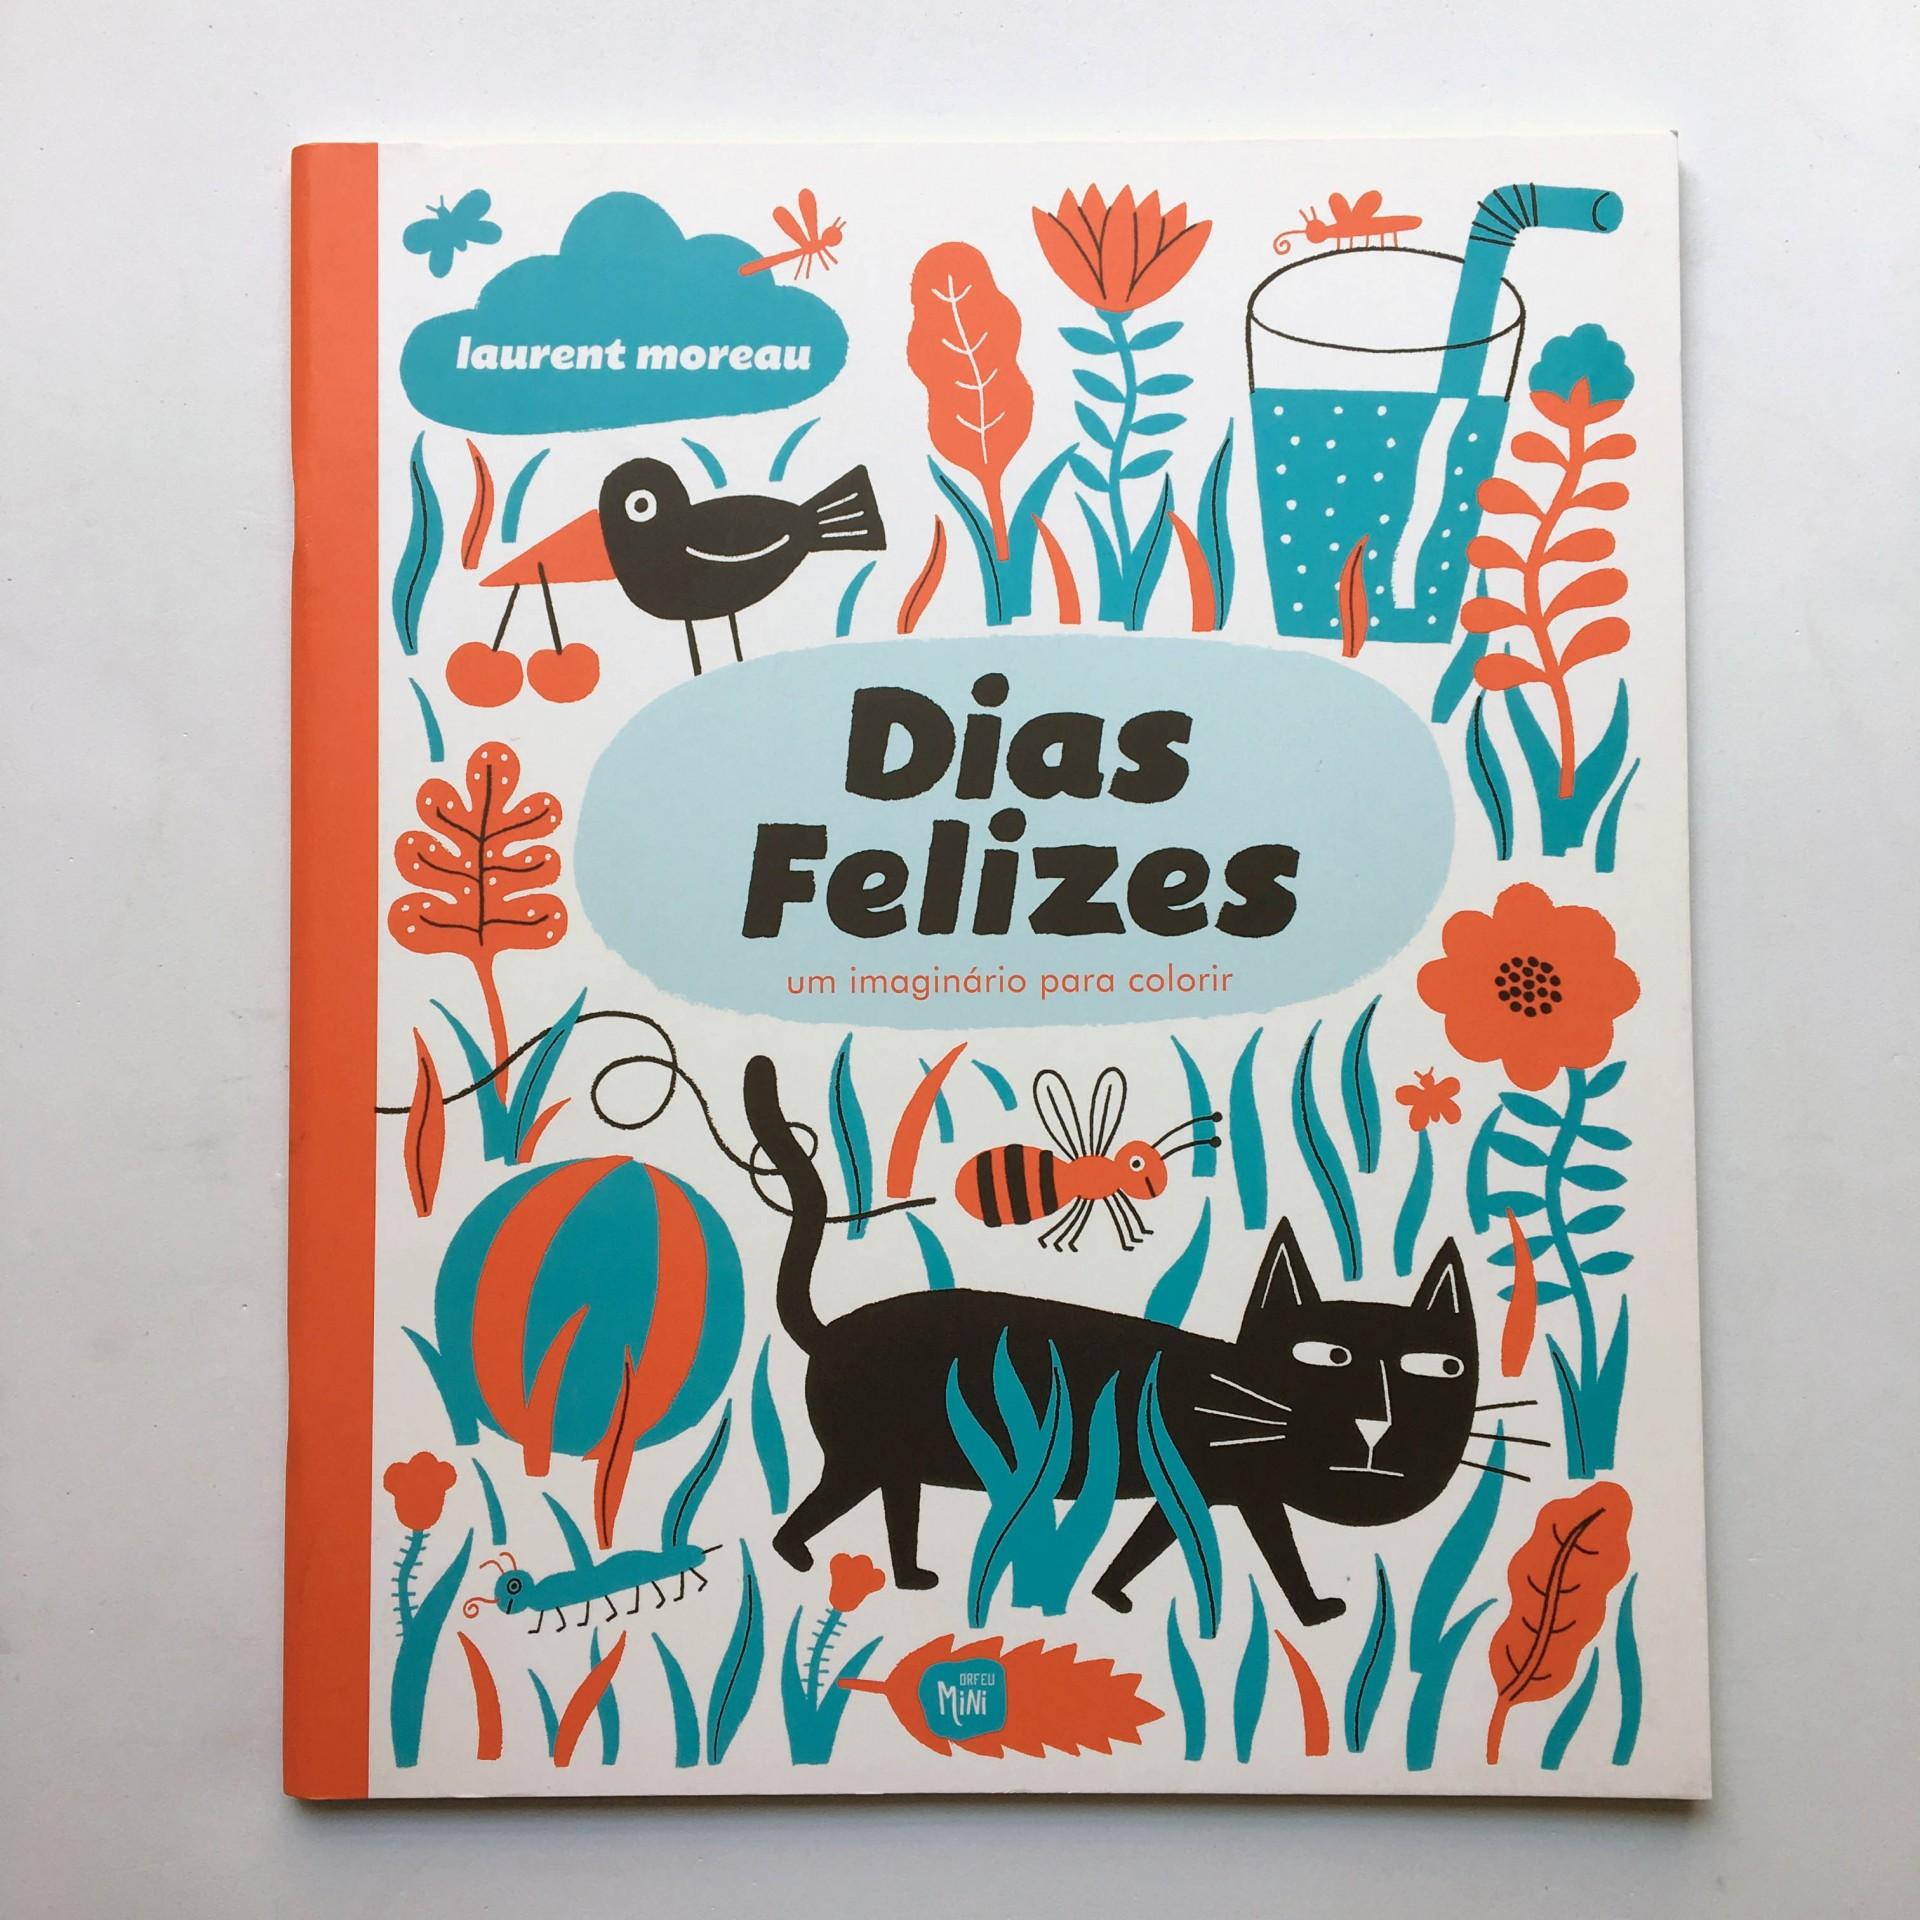 Dias Felizes: um imaginário para colorir